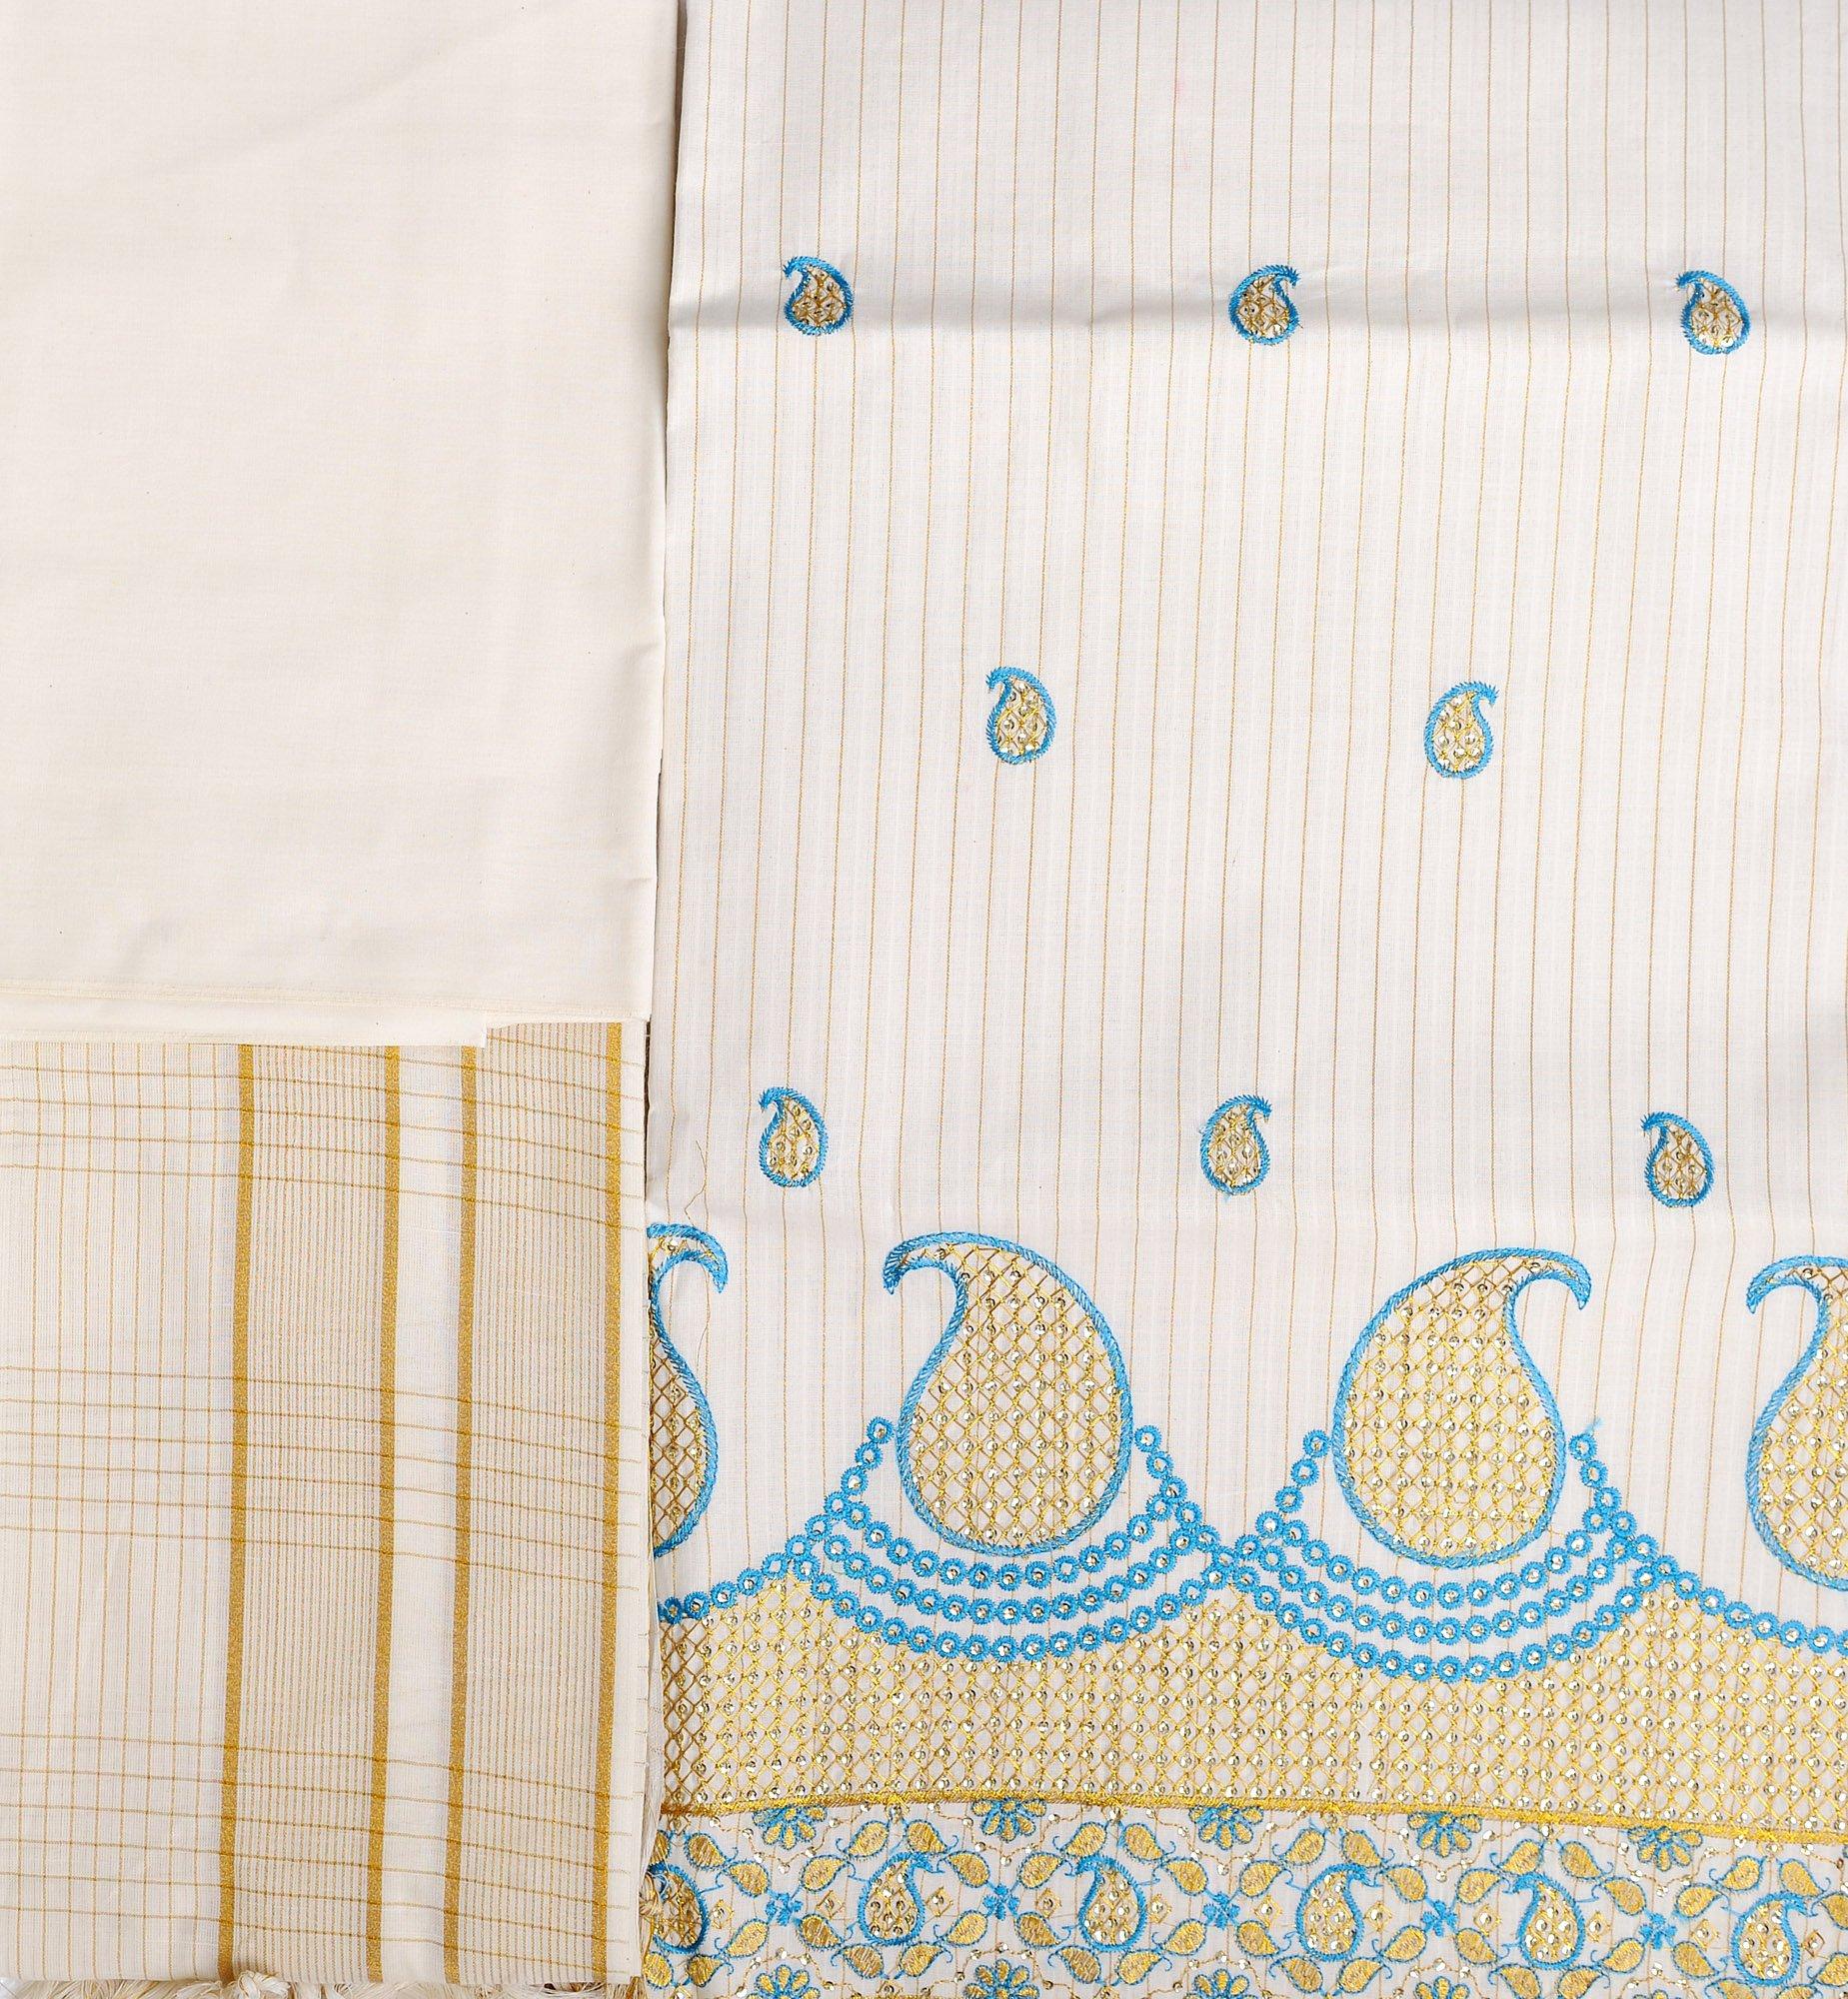 Kasavu Salwar Kameez Fabric From Kerala With Embroidered Paisleys